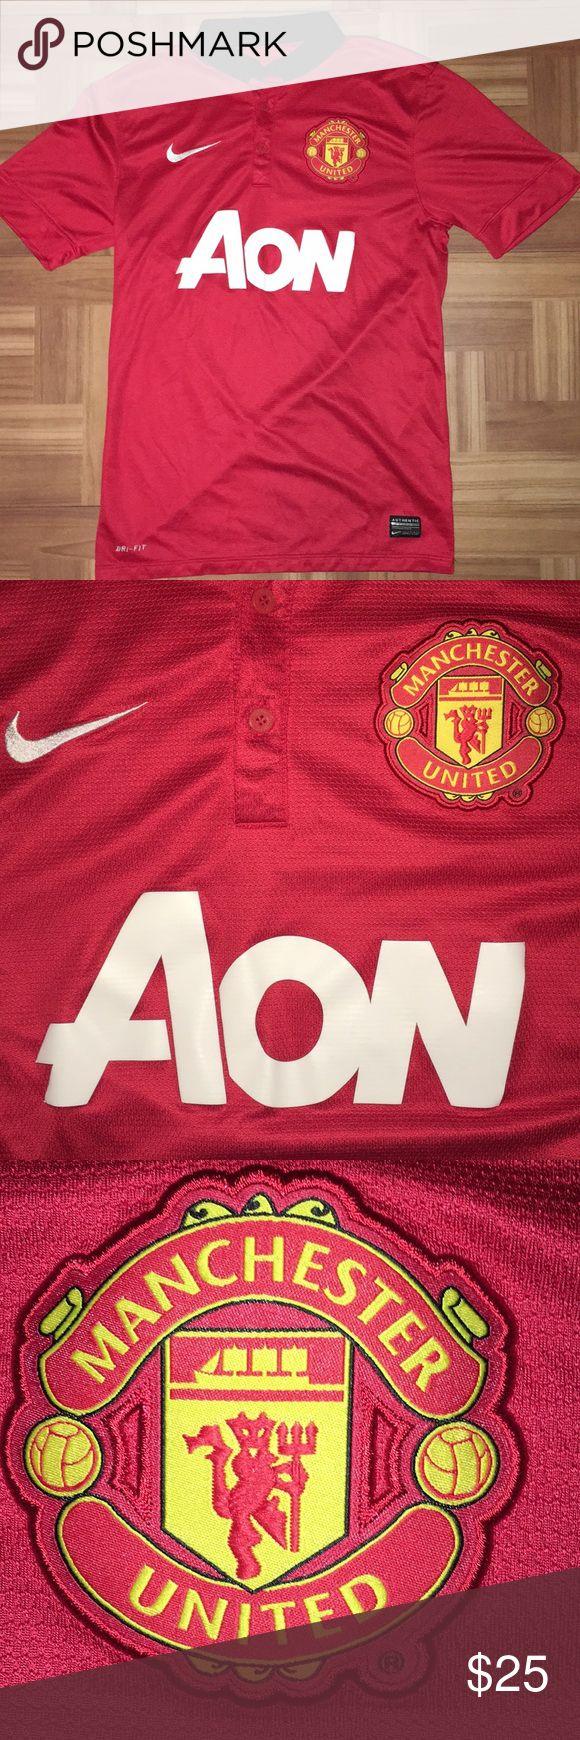 camiseta manchester united aon